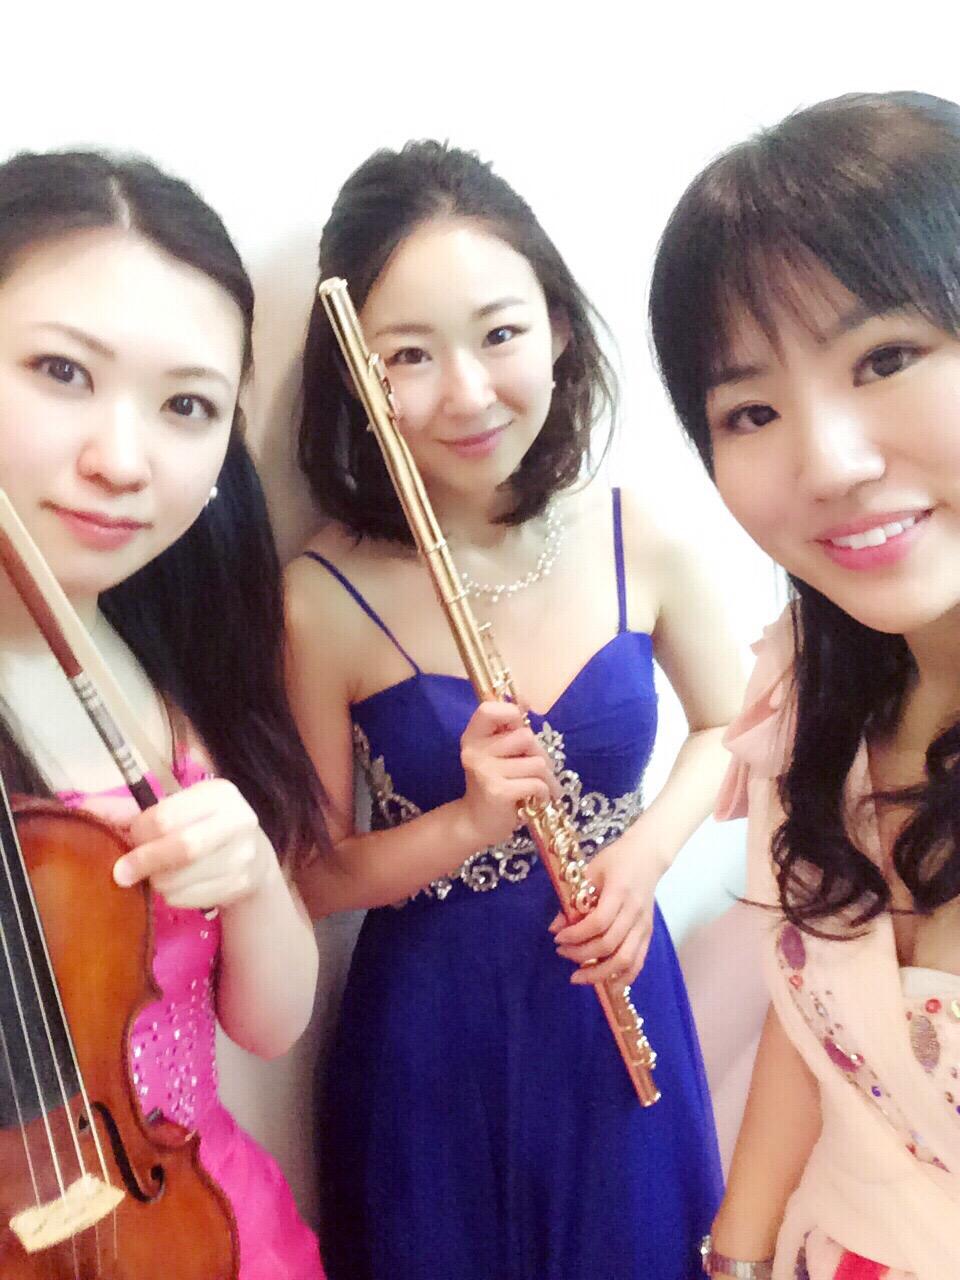 新年会パーティー演奏にてクラシックトリオ生演奏でした